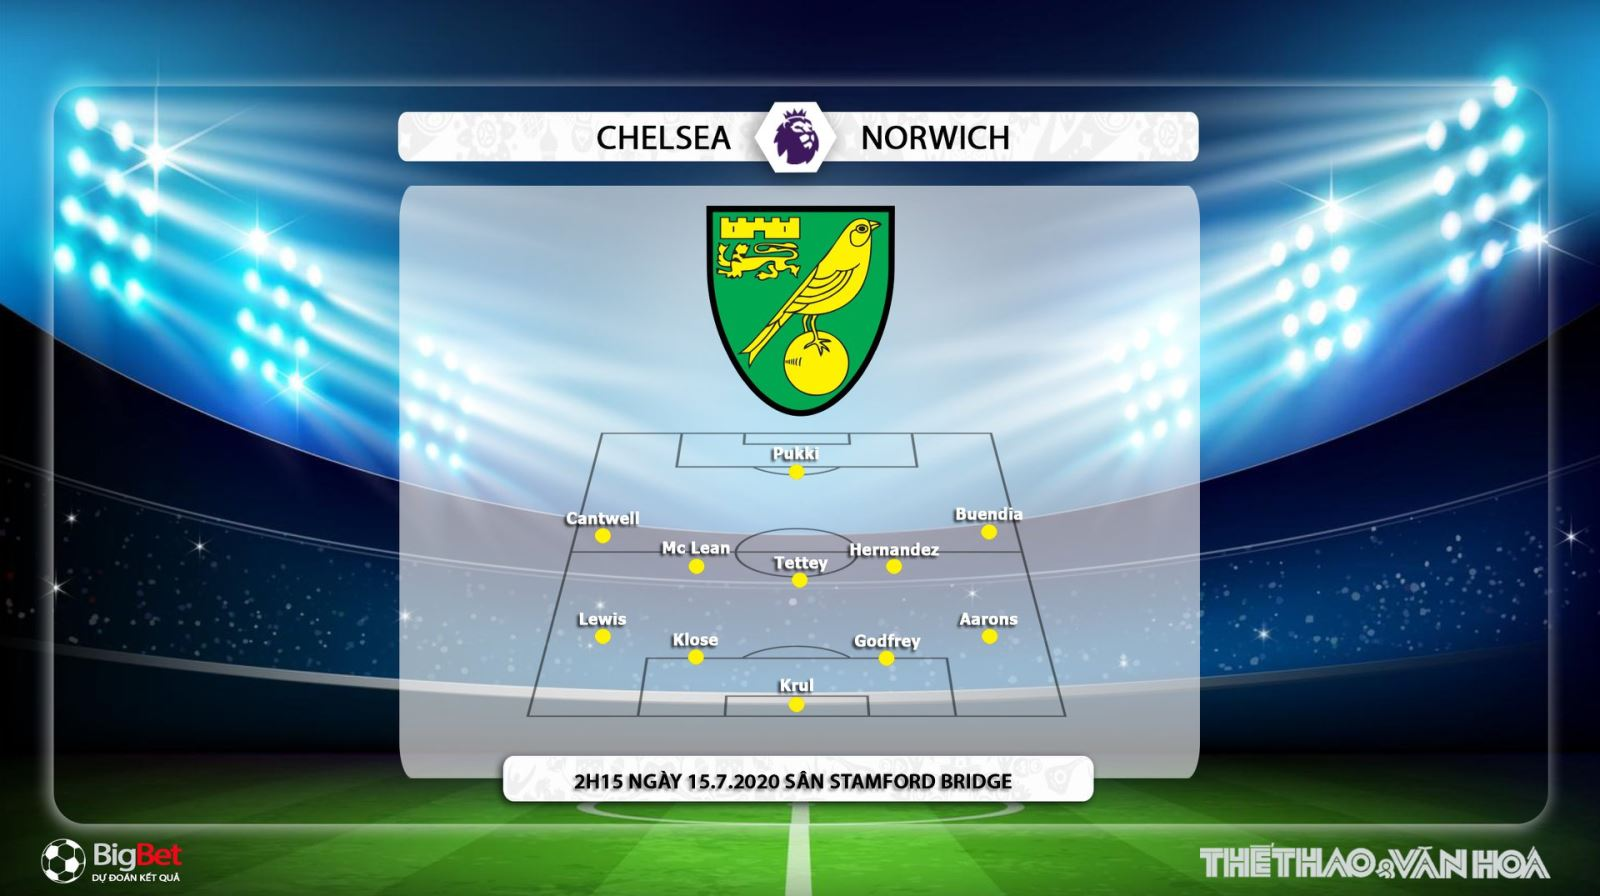 Keo nha cai, Kèo nhà cái, Chelsea vs Norwich, Vòng 36 Ngoại hạng Anh, K+PM, trực tiếp bóng đá Ngoại hạng Anh, lịch thi đấu bóng đá Anh, Bảng xếp hạng bóng đá Anh